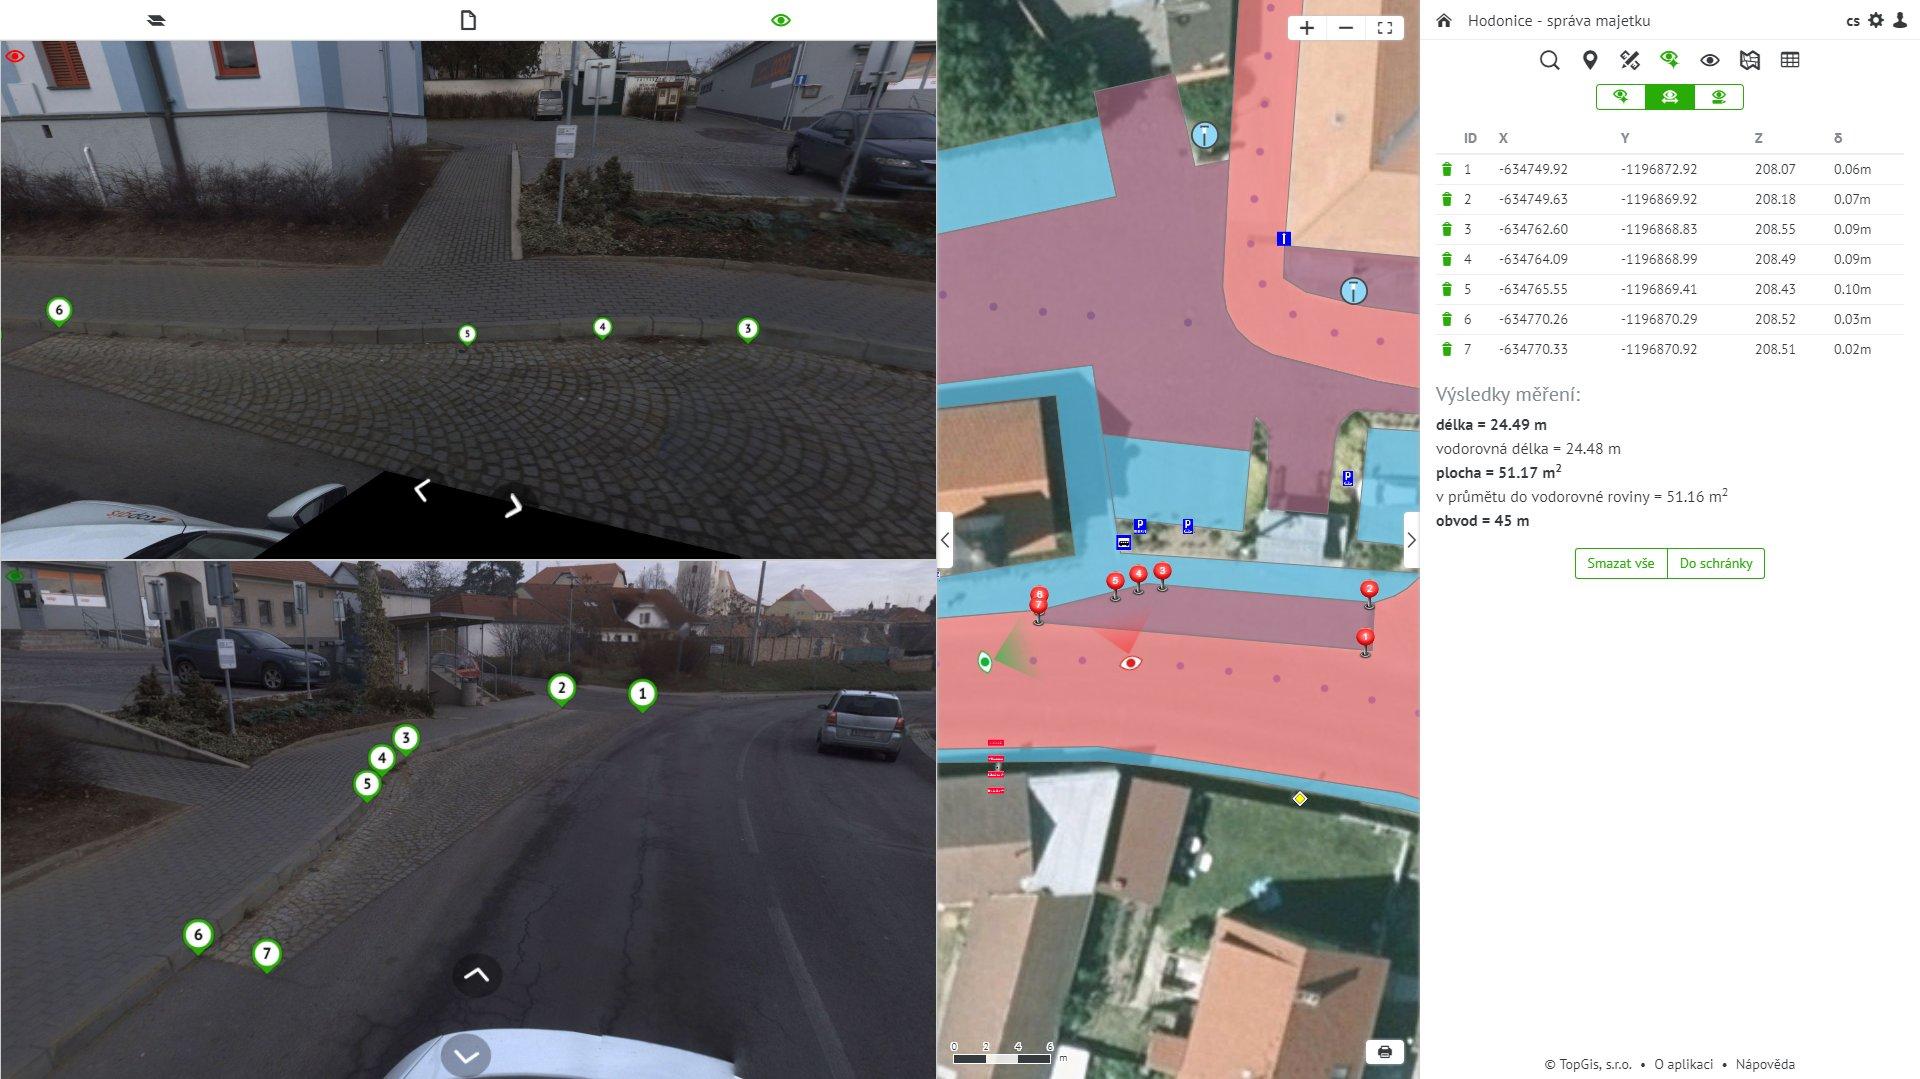 Ukázka zobrazení různých pasportů majetku s možností kontroly v panoramatickém snímku